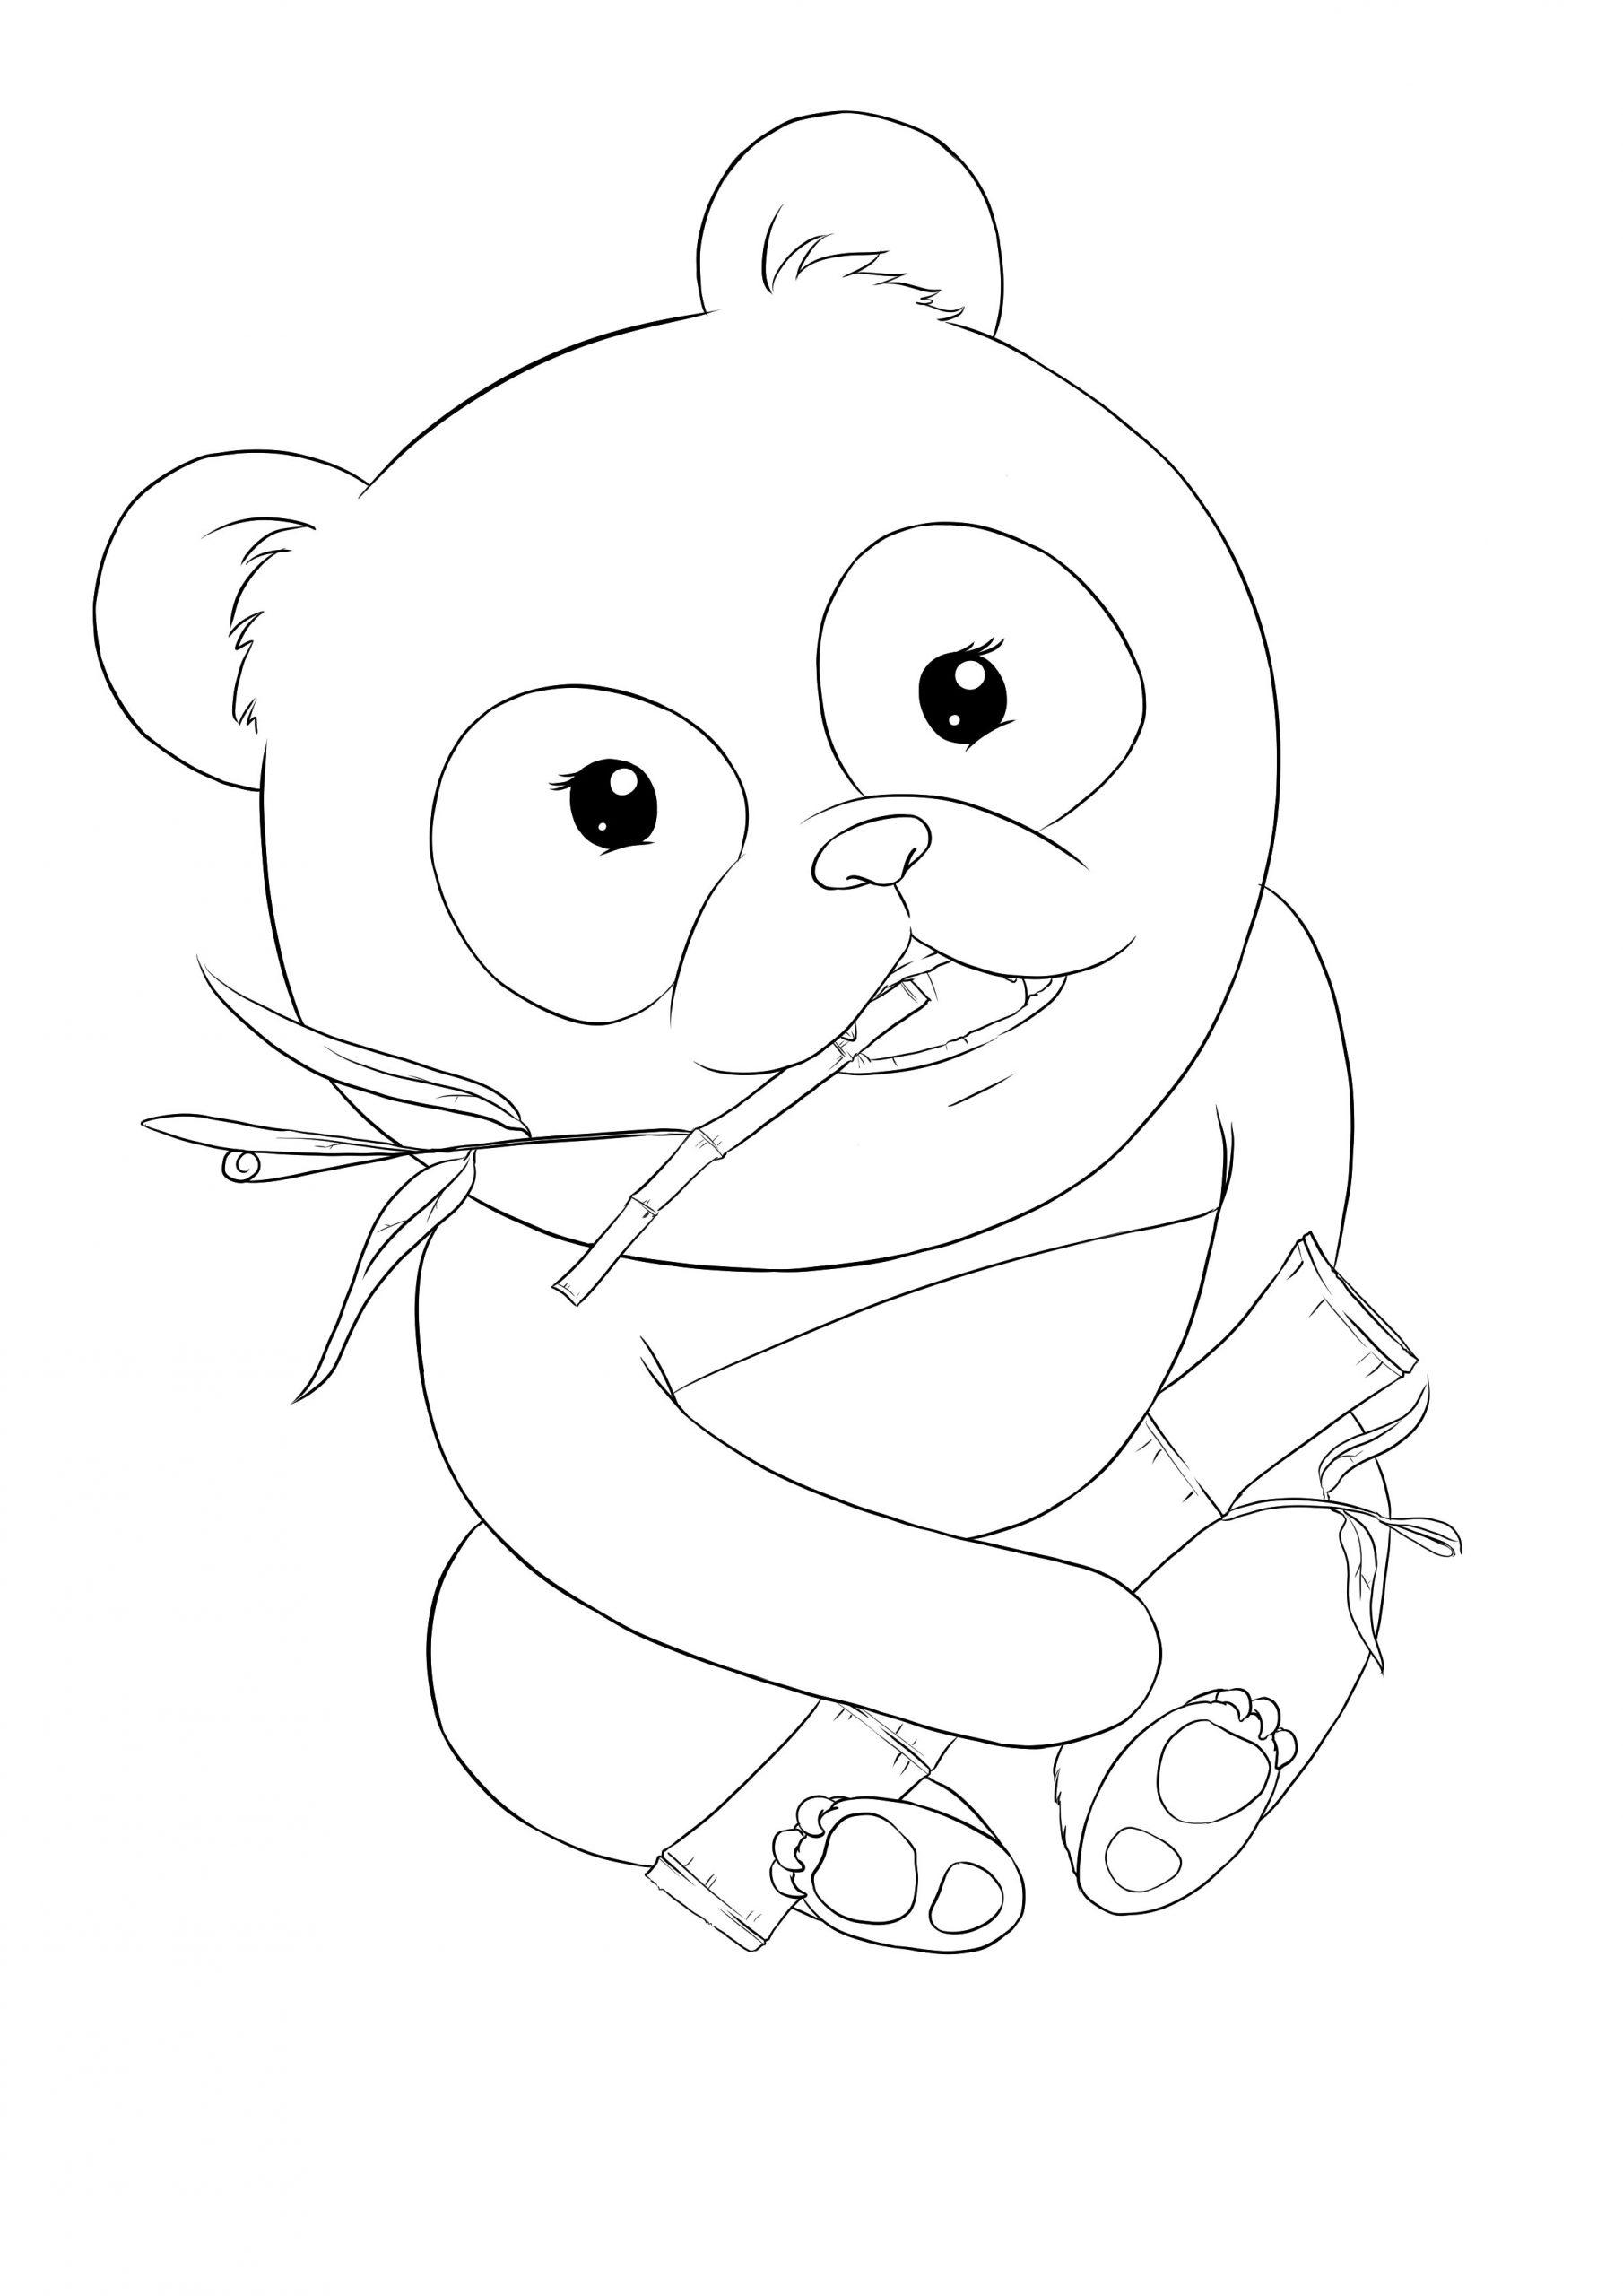 Kawaii panda coloring page